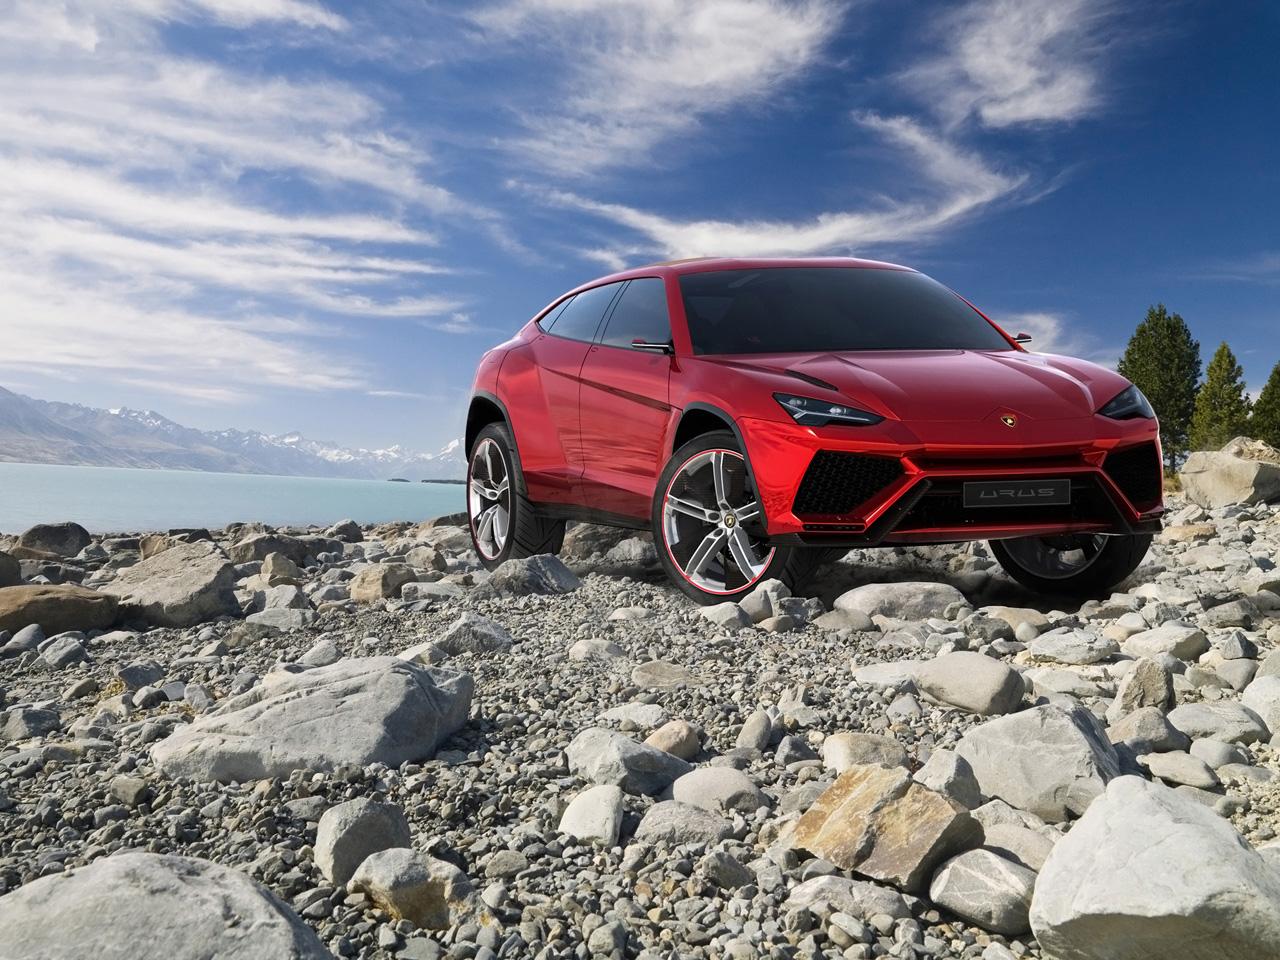 Lamborghini Urus SUV could come to India in 2018